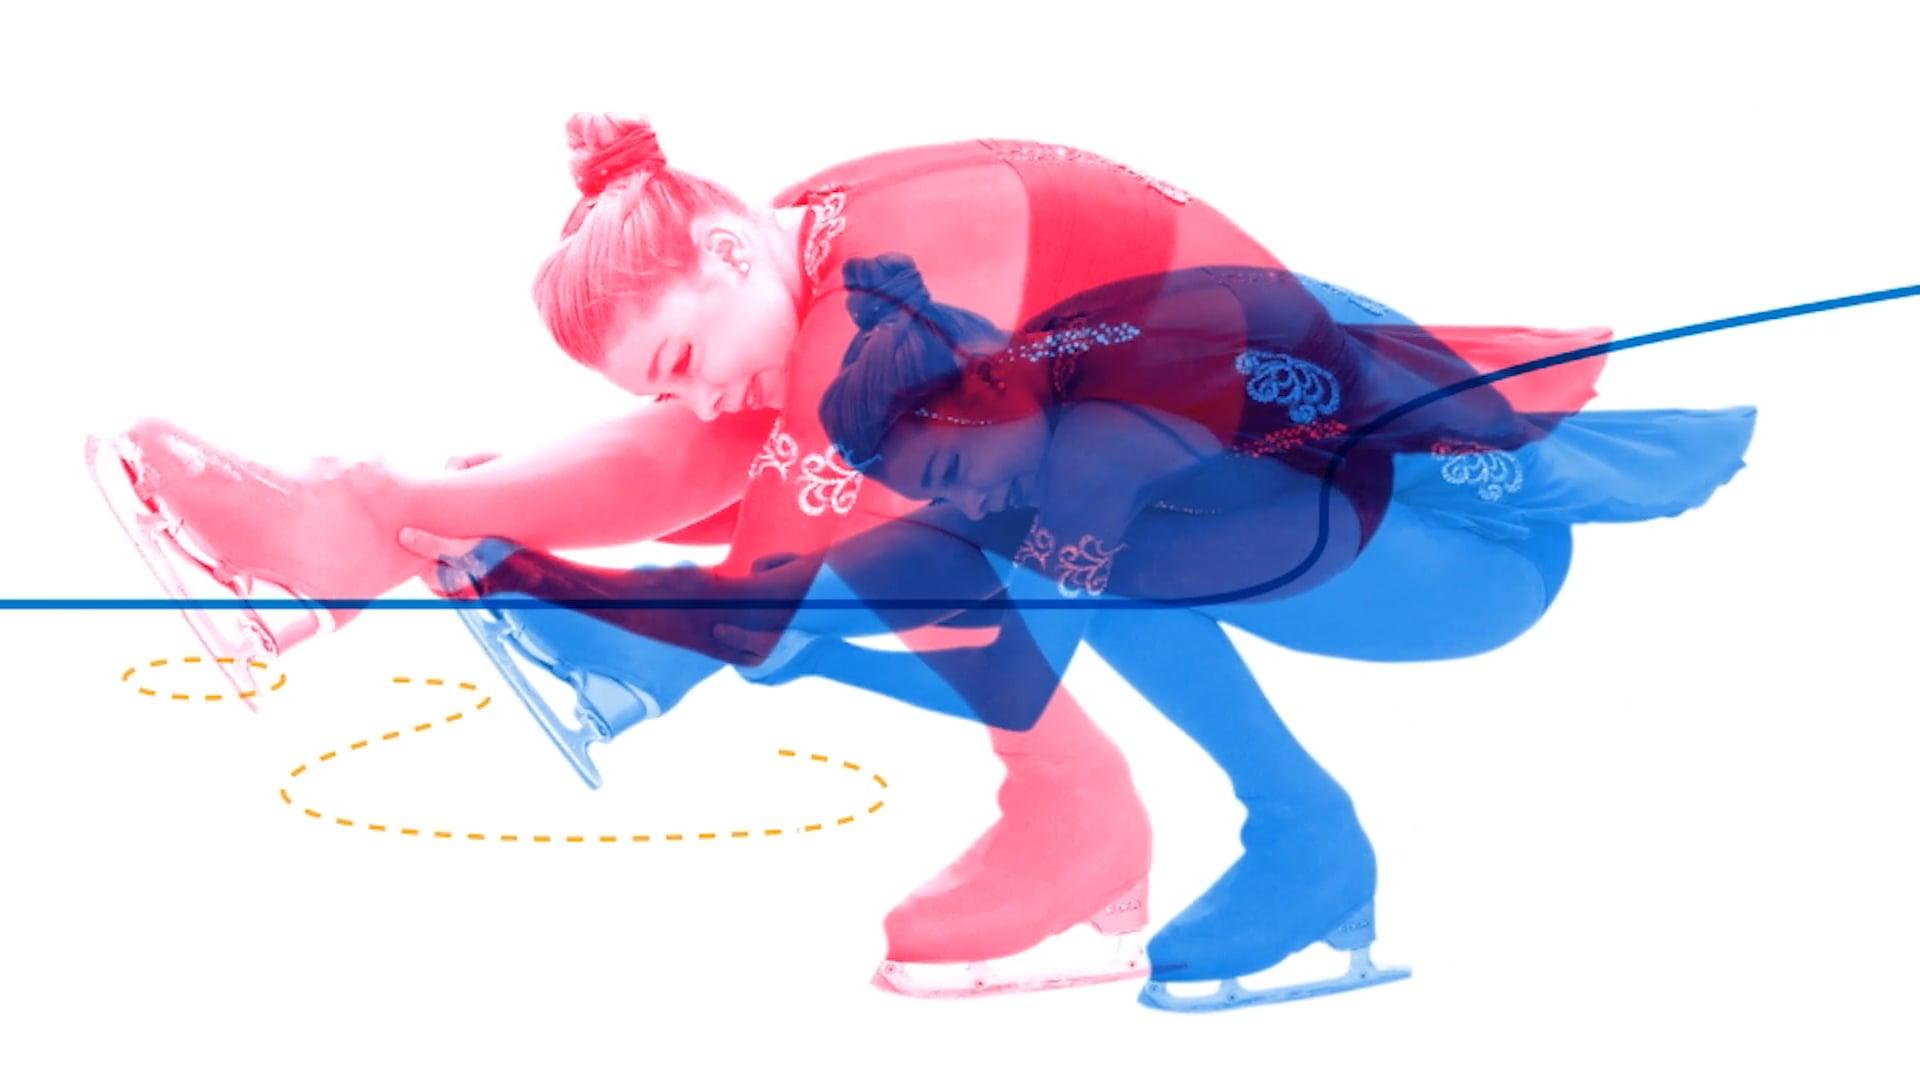 피겨 스케이팅 (Figure Skating)